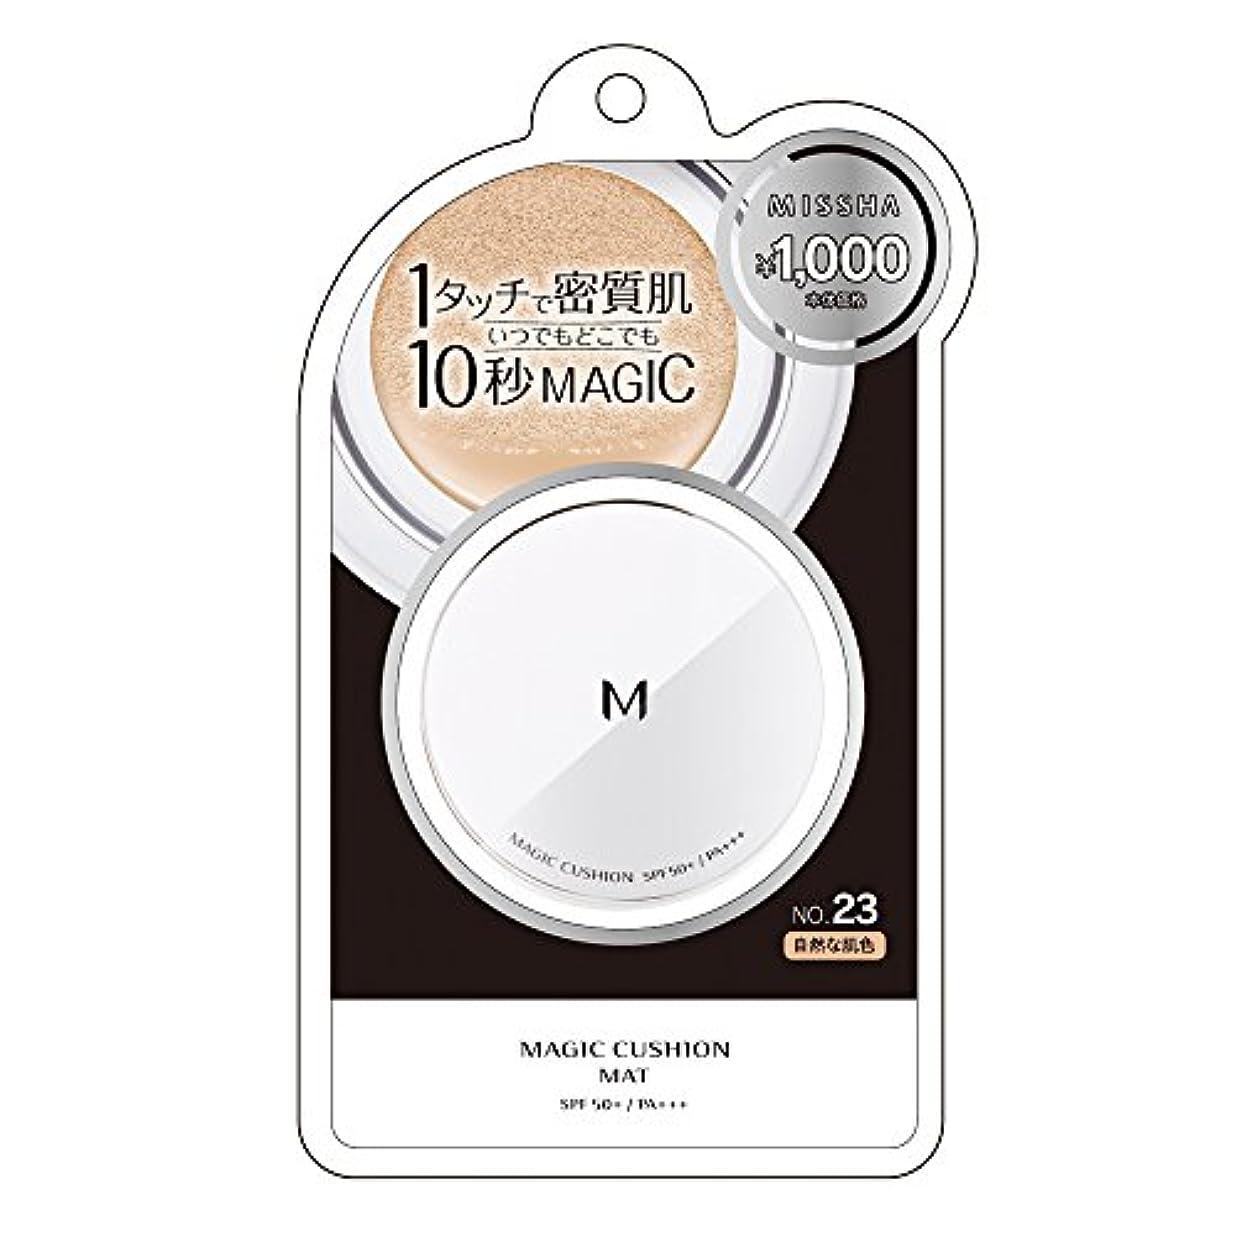 とんでもないプレゼンテーションオプションミシャ M クッション ファンデーション(マット)No.23(自然な肌色) 15g